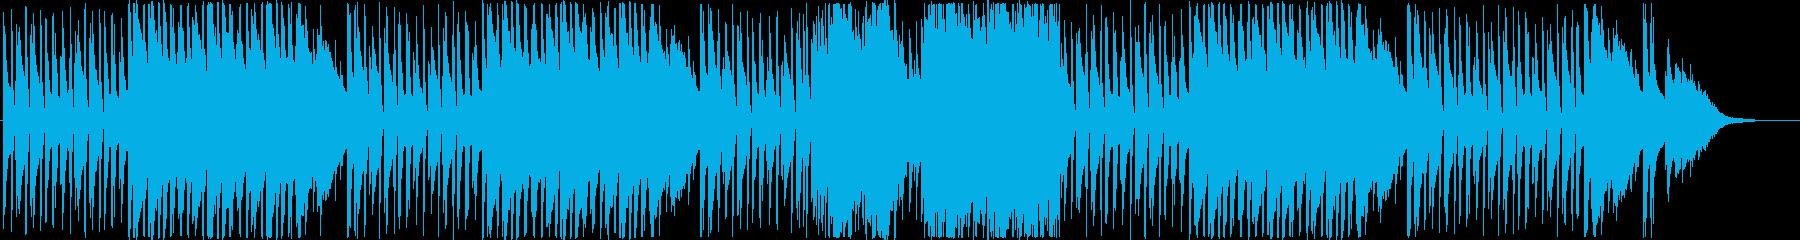 ビブラフォンでバーと夜景が似合うジャズの再生済みの波形